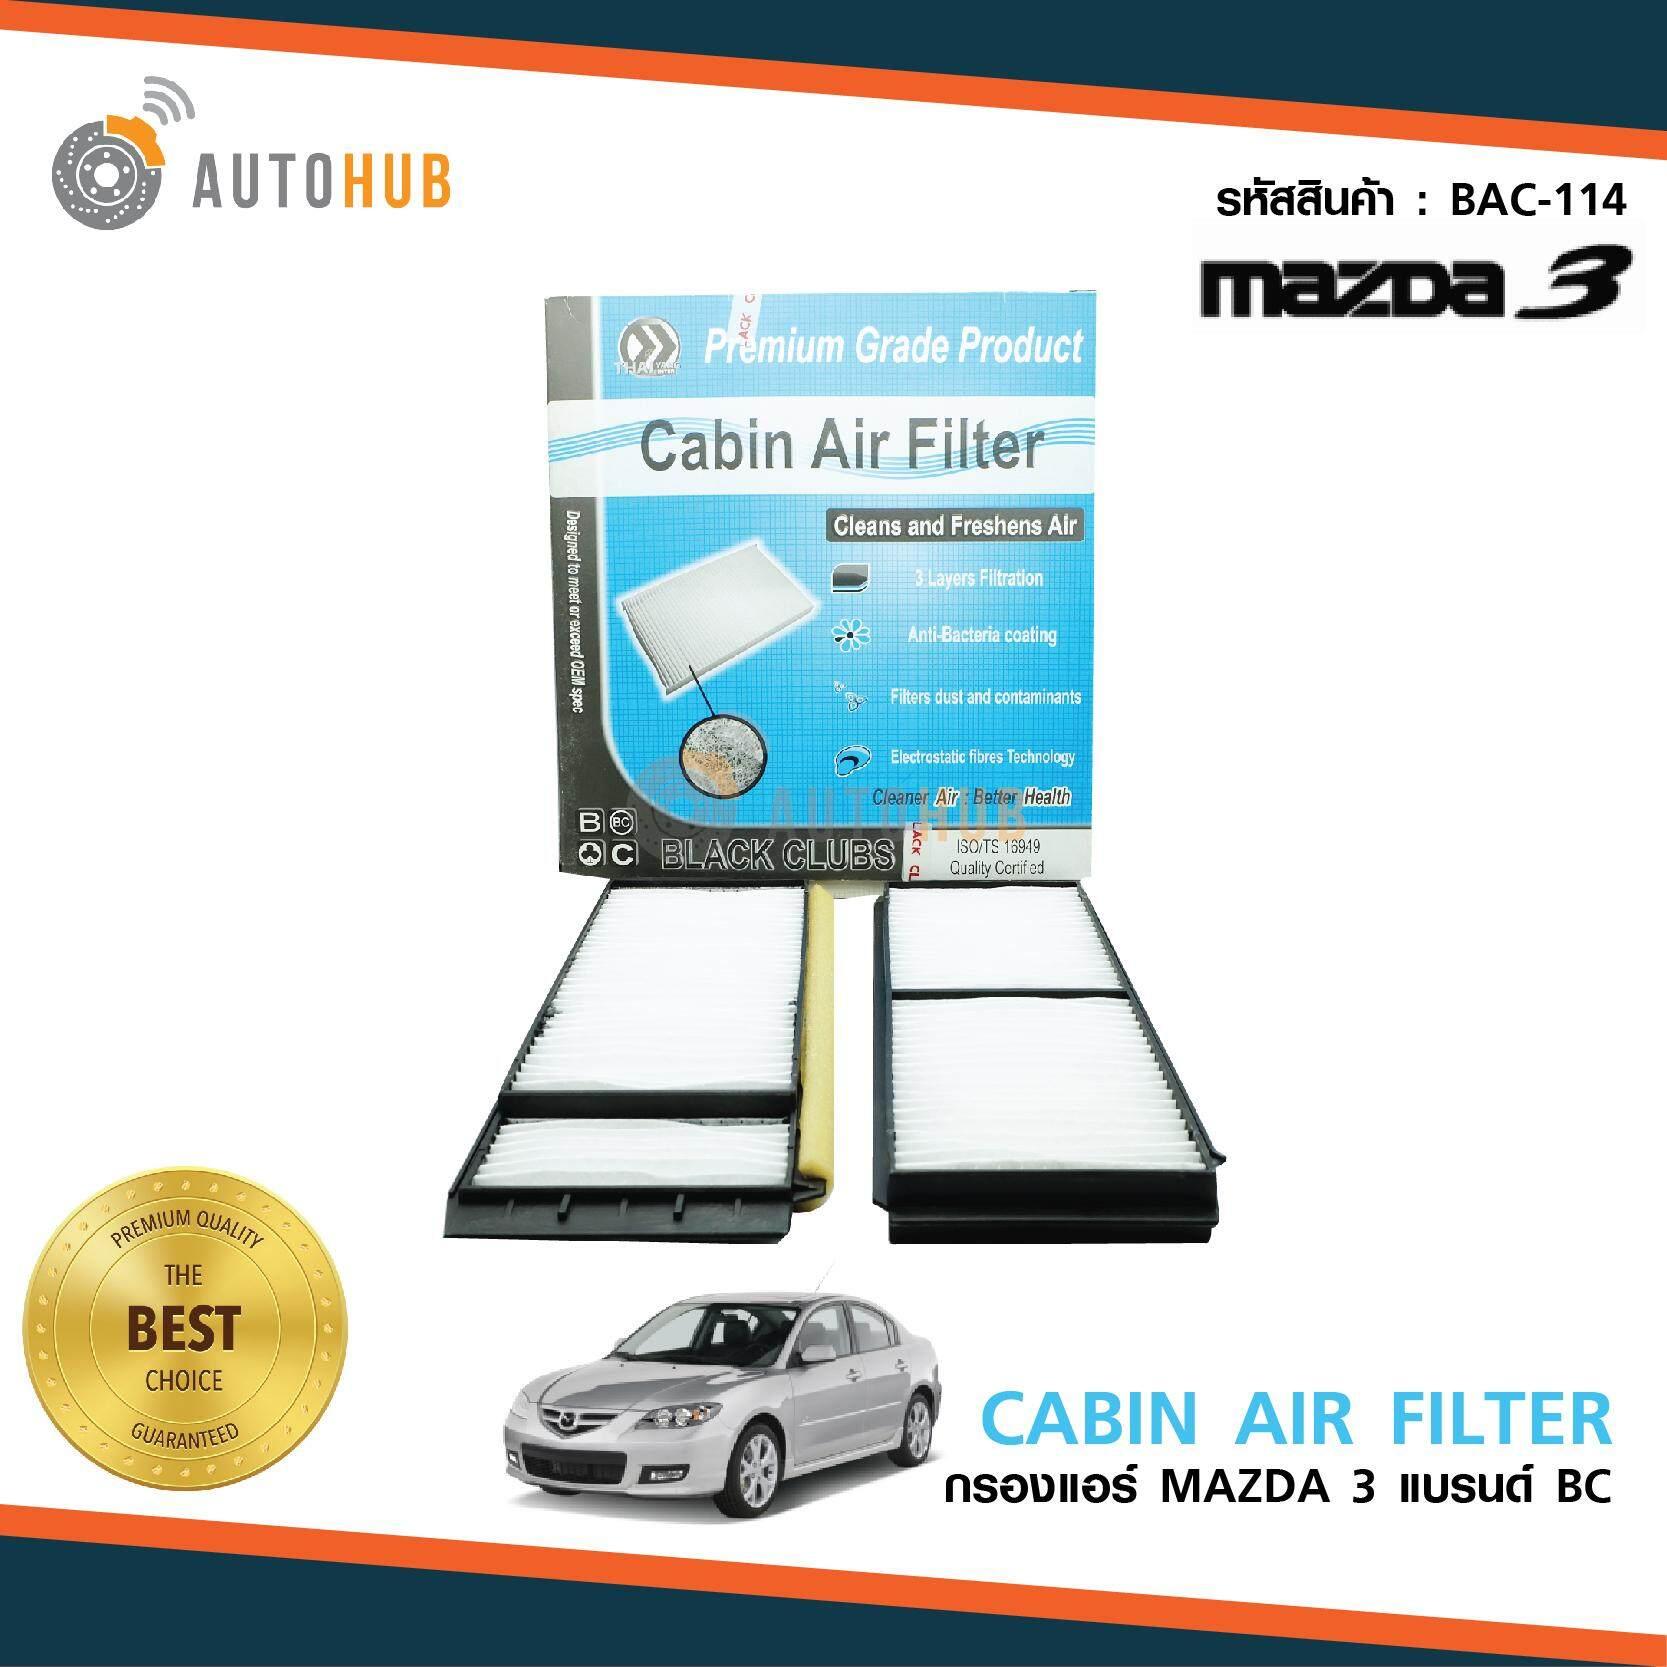 สุดยอดสินค้า!! BC กรองแอร์ กรองอากาศแอร์ ใส่ได้กับรถ MAZDA 3 ปี 2005-ON ราคาพิเศษ ส่งฟรี Kerry (BAC-114)